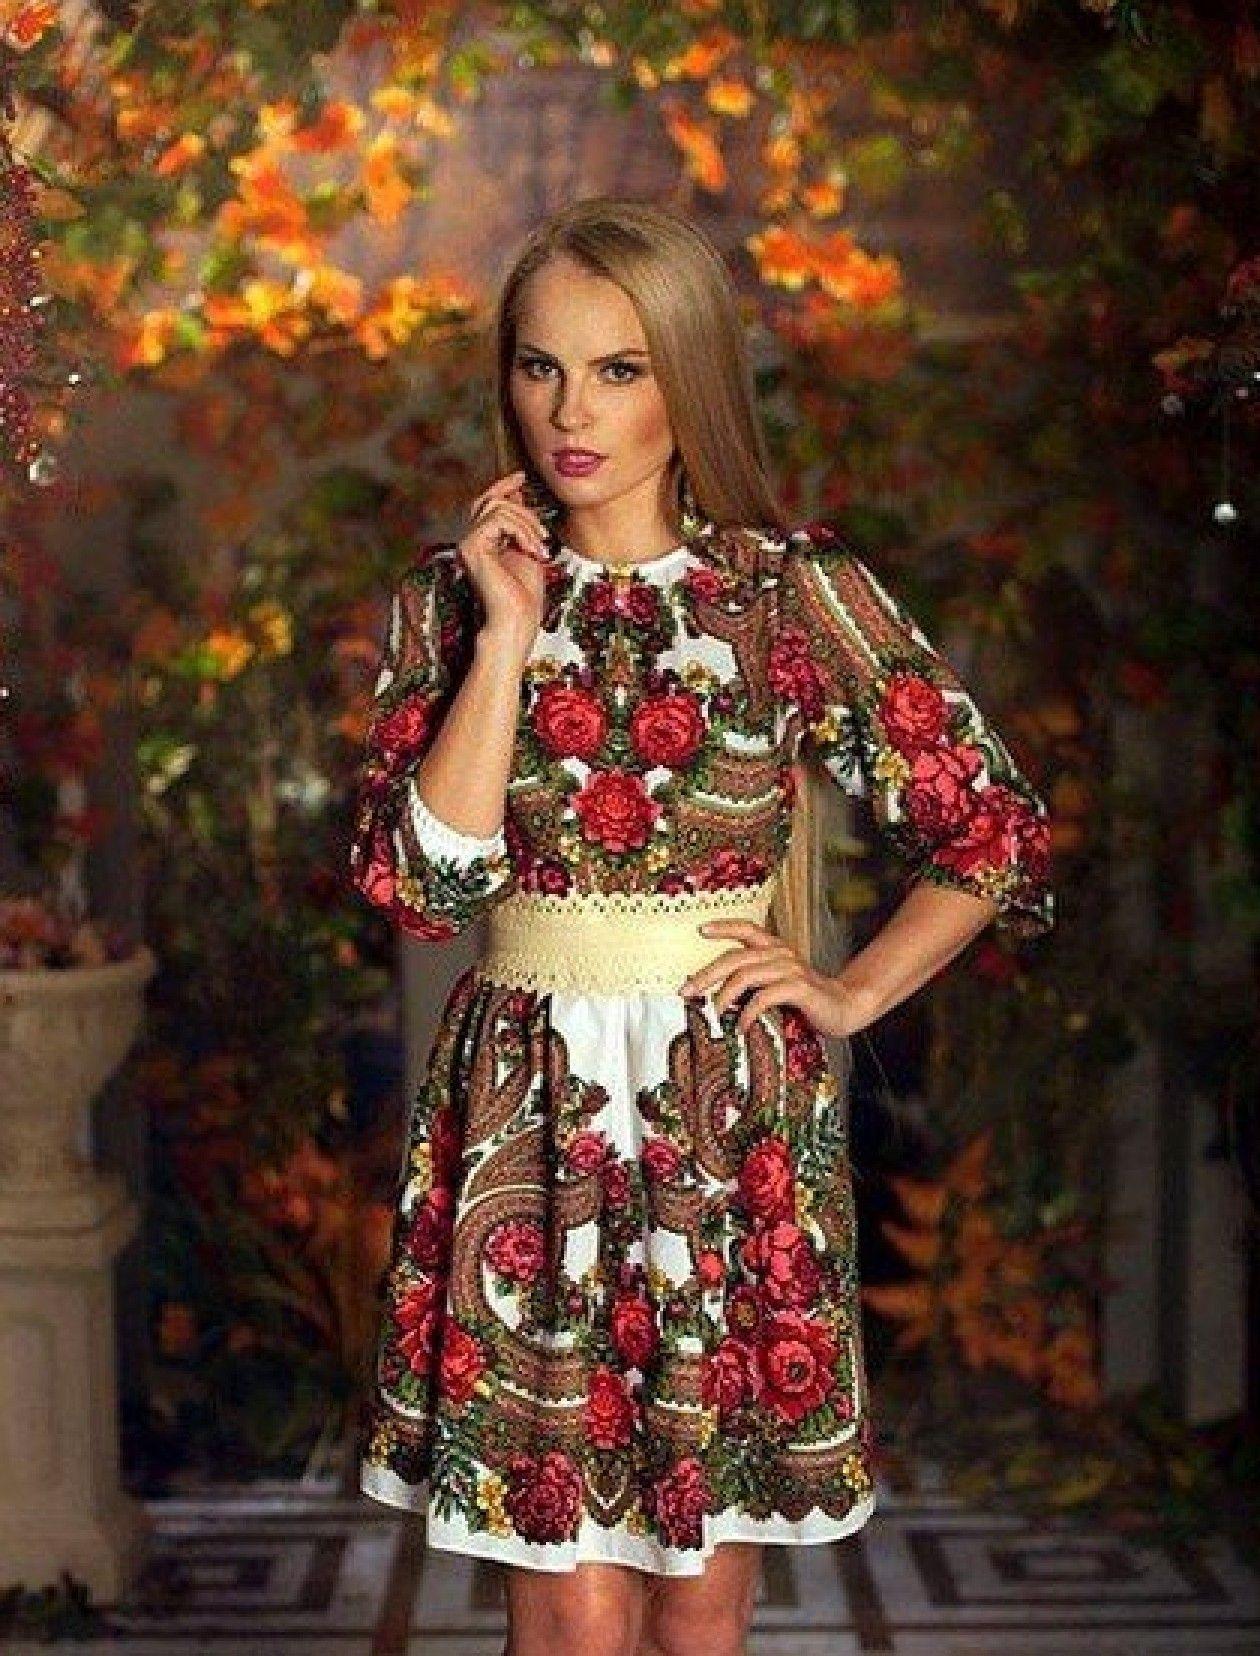 03acde99bcb717 Женская одежда из павлопосадских платков. Авторская одежда в русском стиле.  Платья из платков.